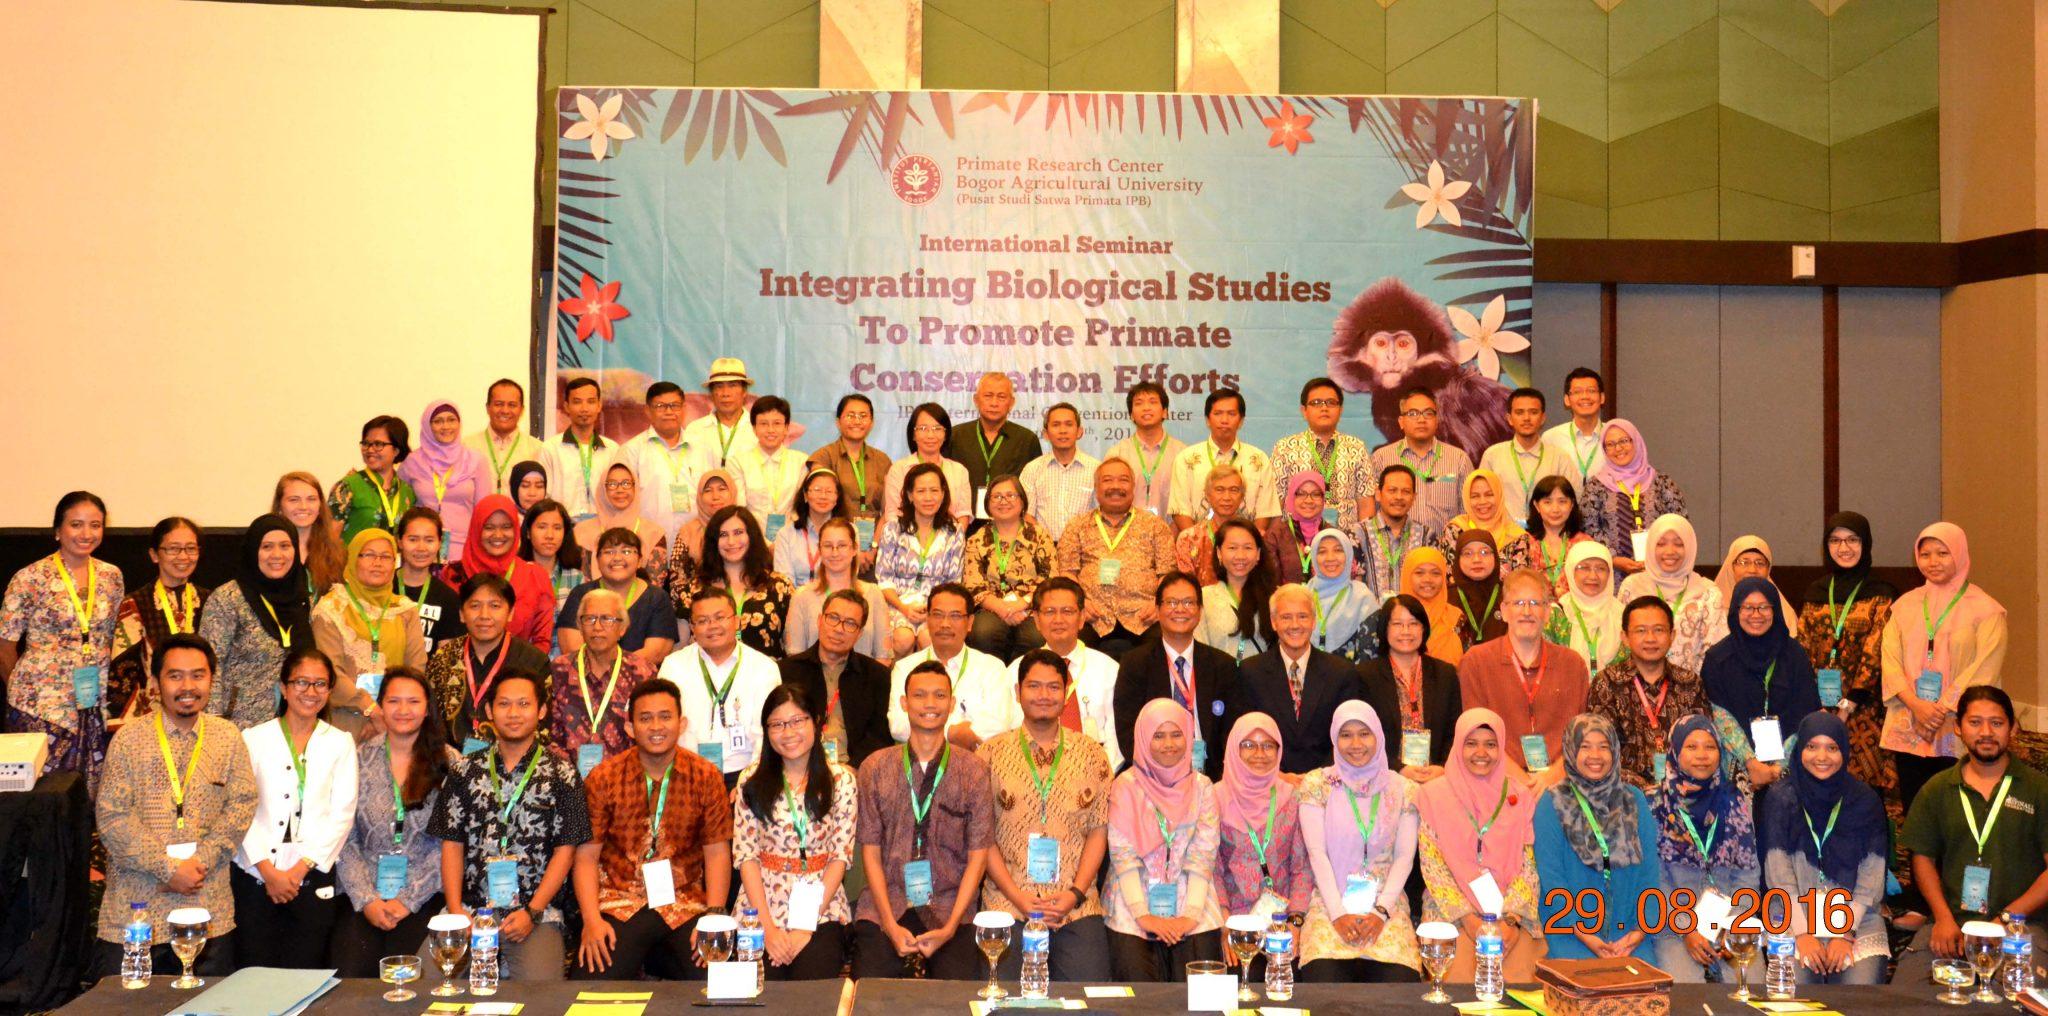 Foto Bersama Peserta dan Pembicara Seminar Internasional PSSP 2016